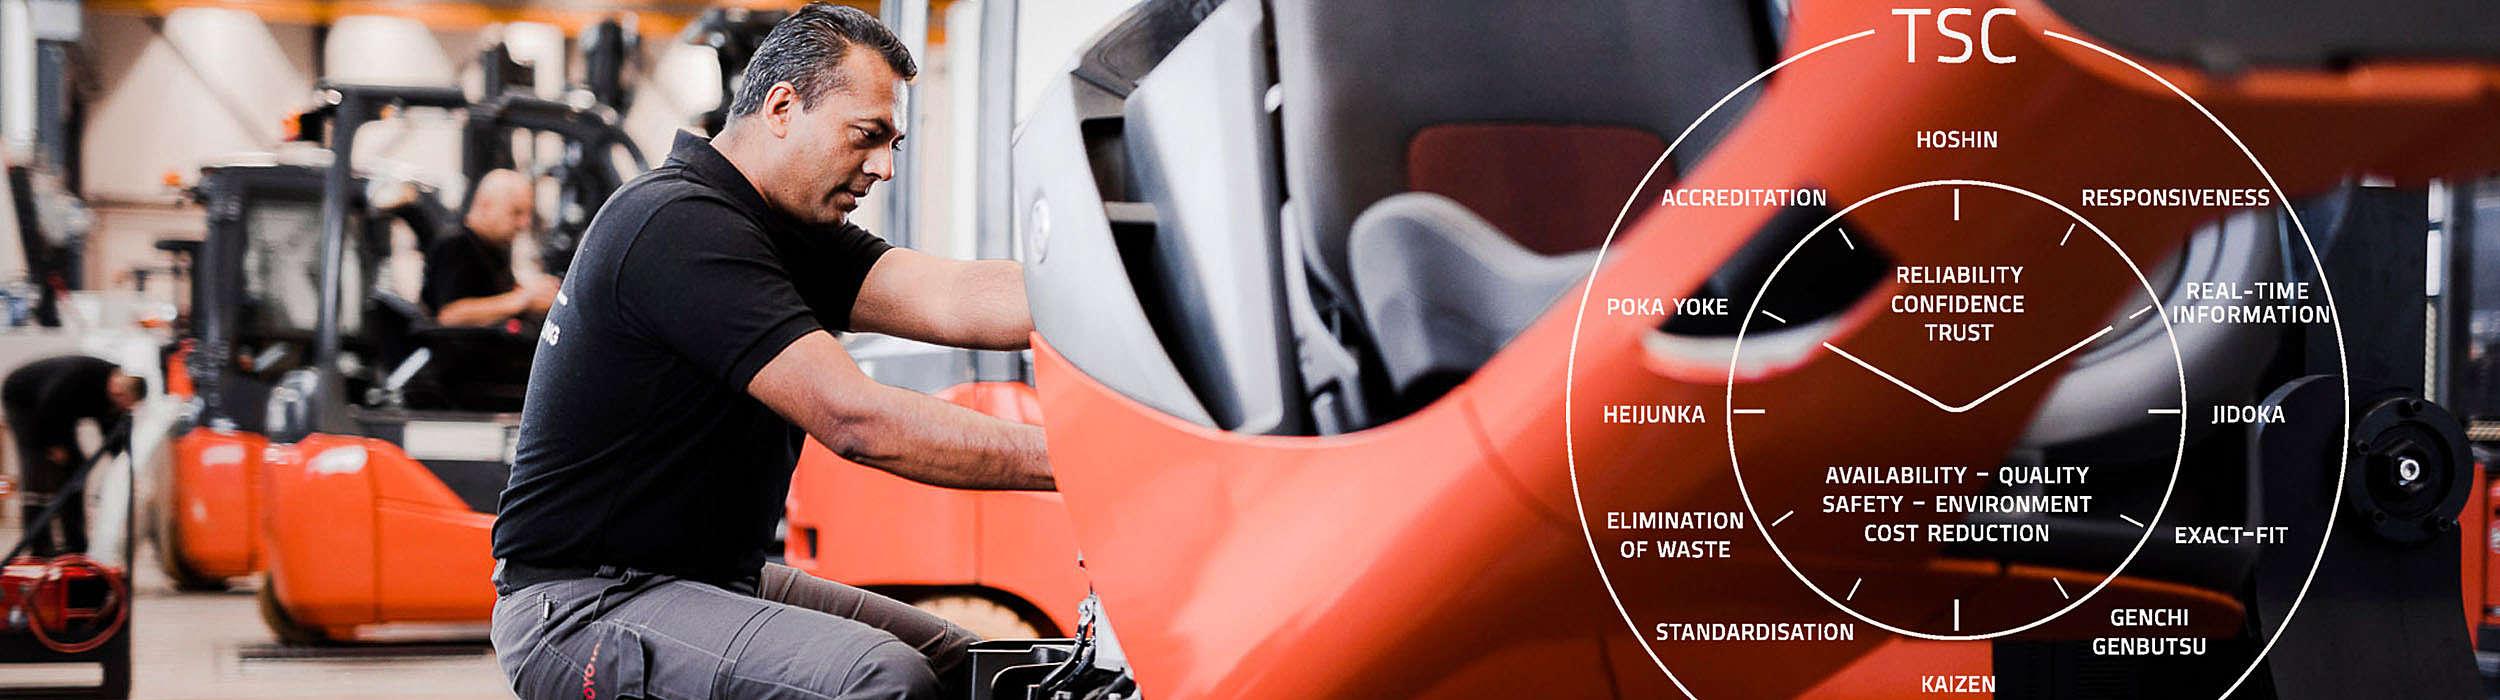 Τεχνικός φροντίζει για την επισκευή περονοφόρου ανυψωτικού μηχανήματος με βάση το Toyota Service Concept